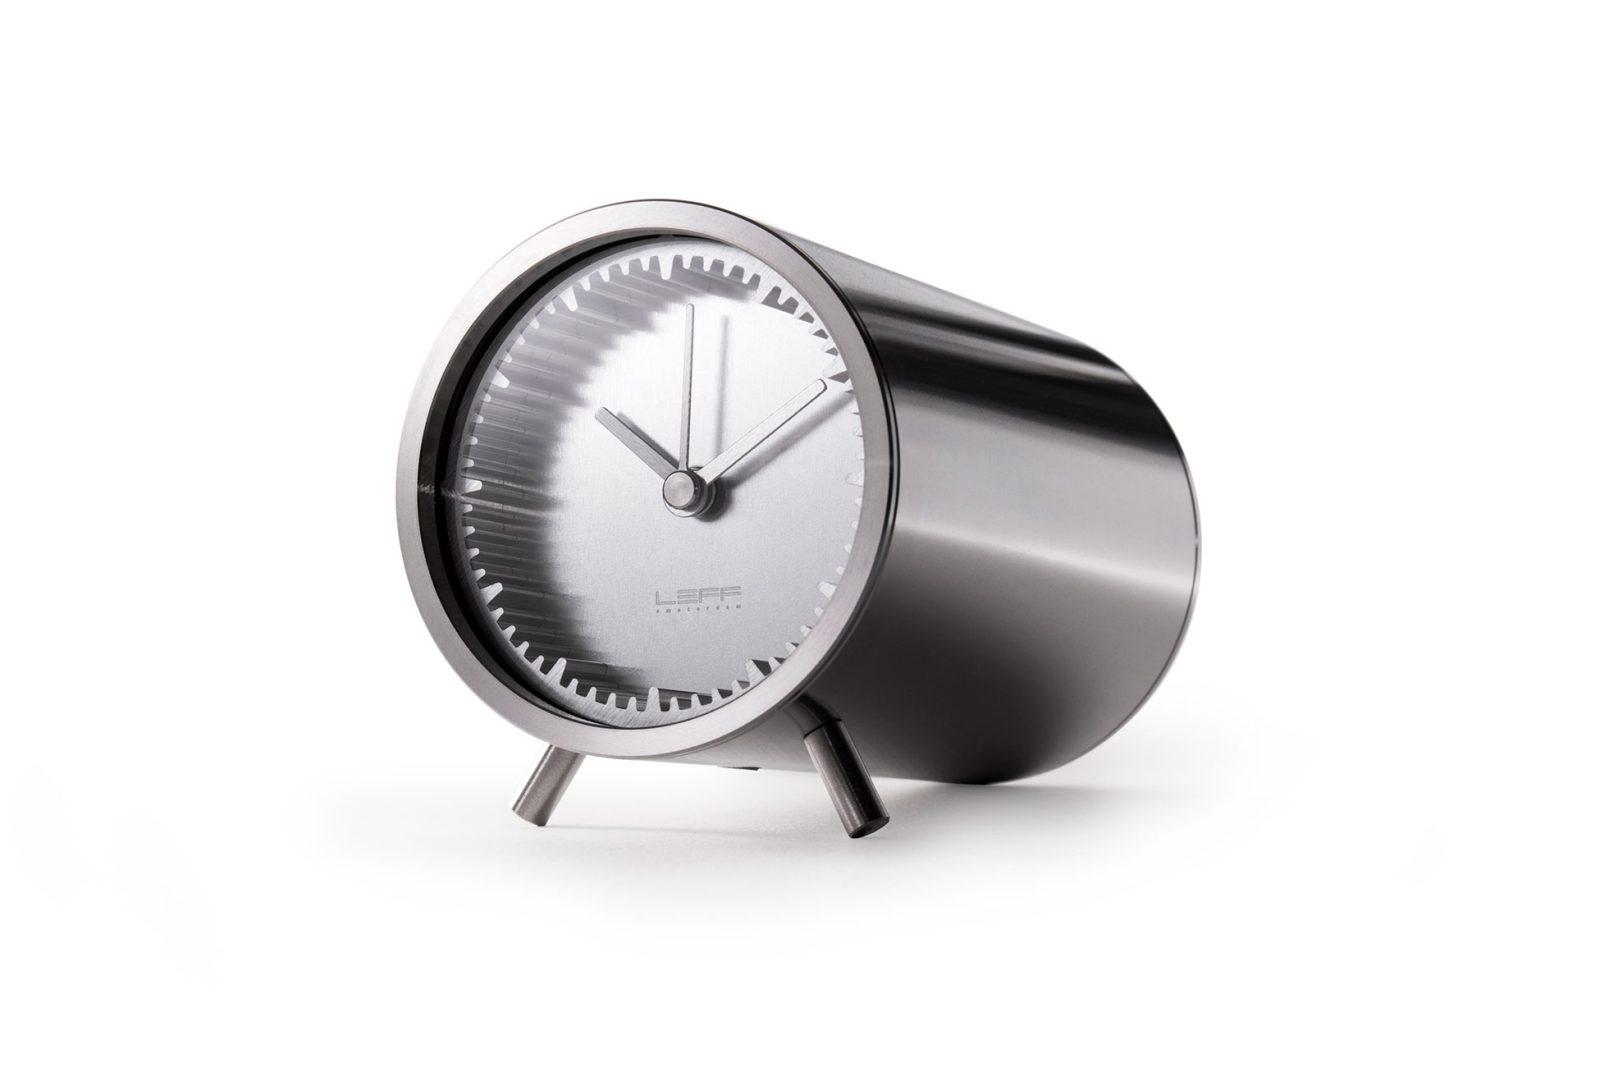 Leff Amsterdam & Piet Hein Eek's Tube Clock, Stainless Steel-26712